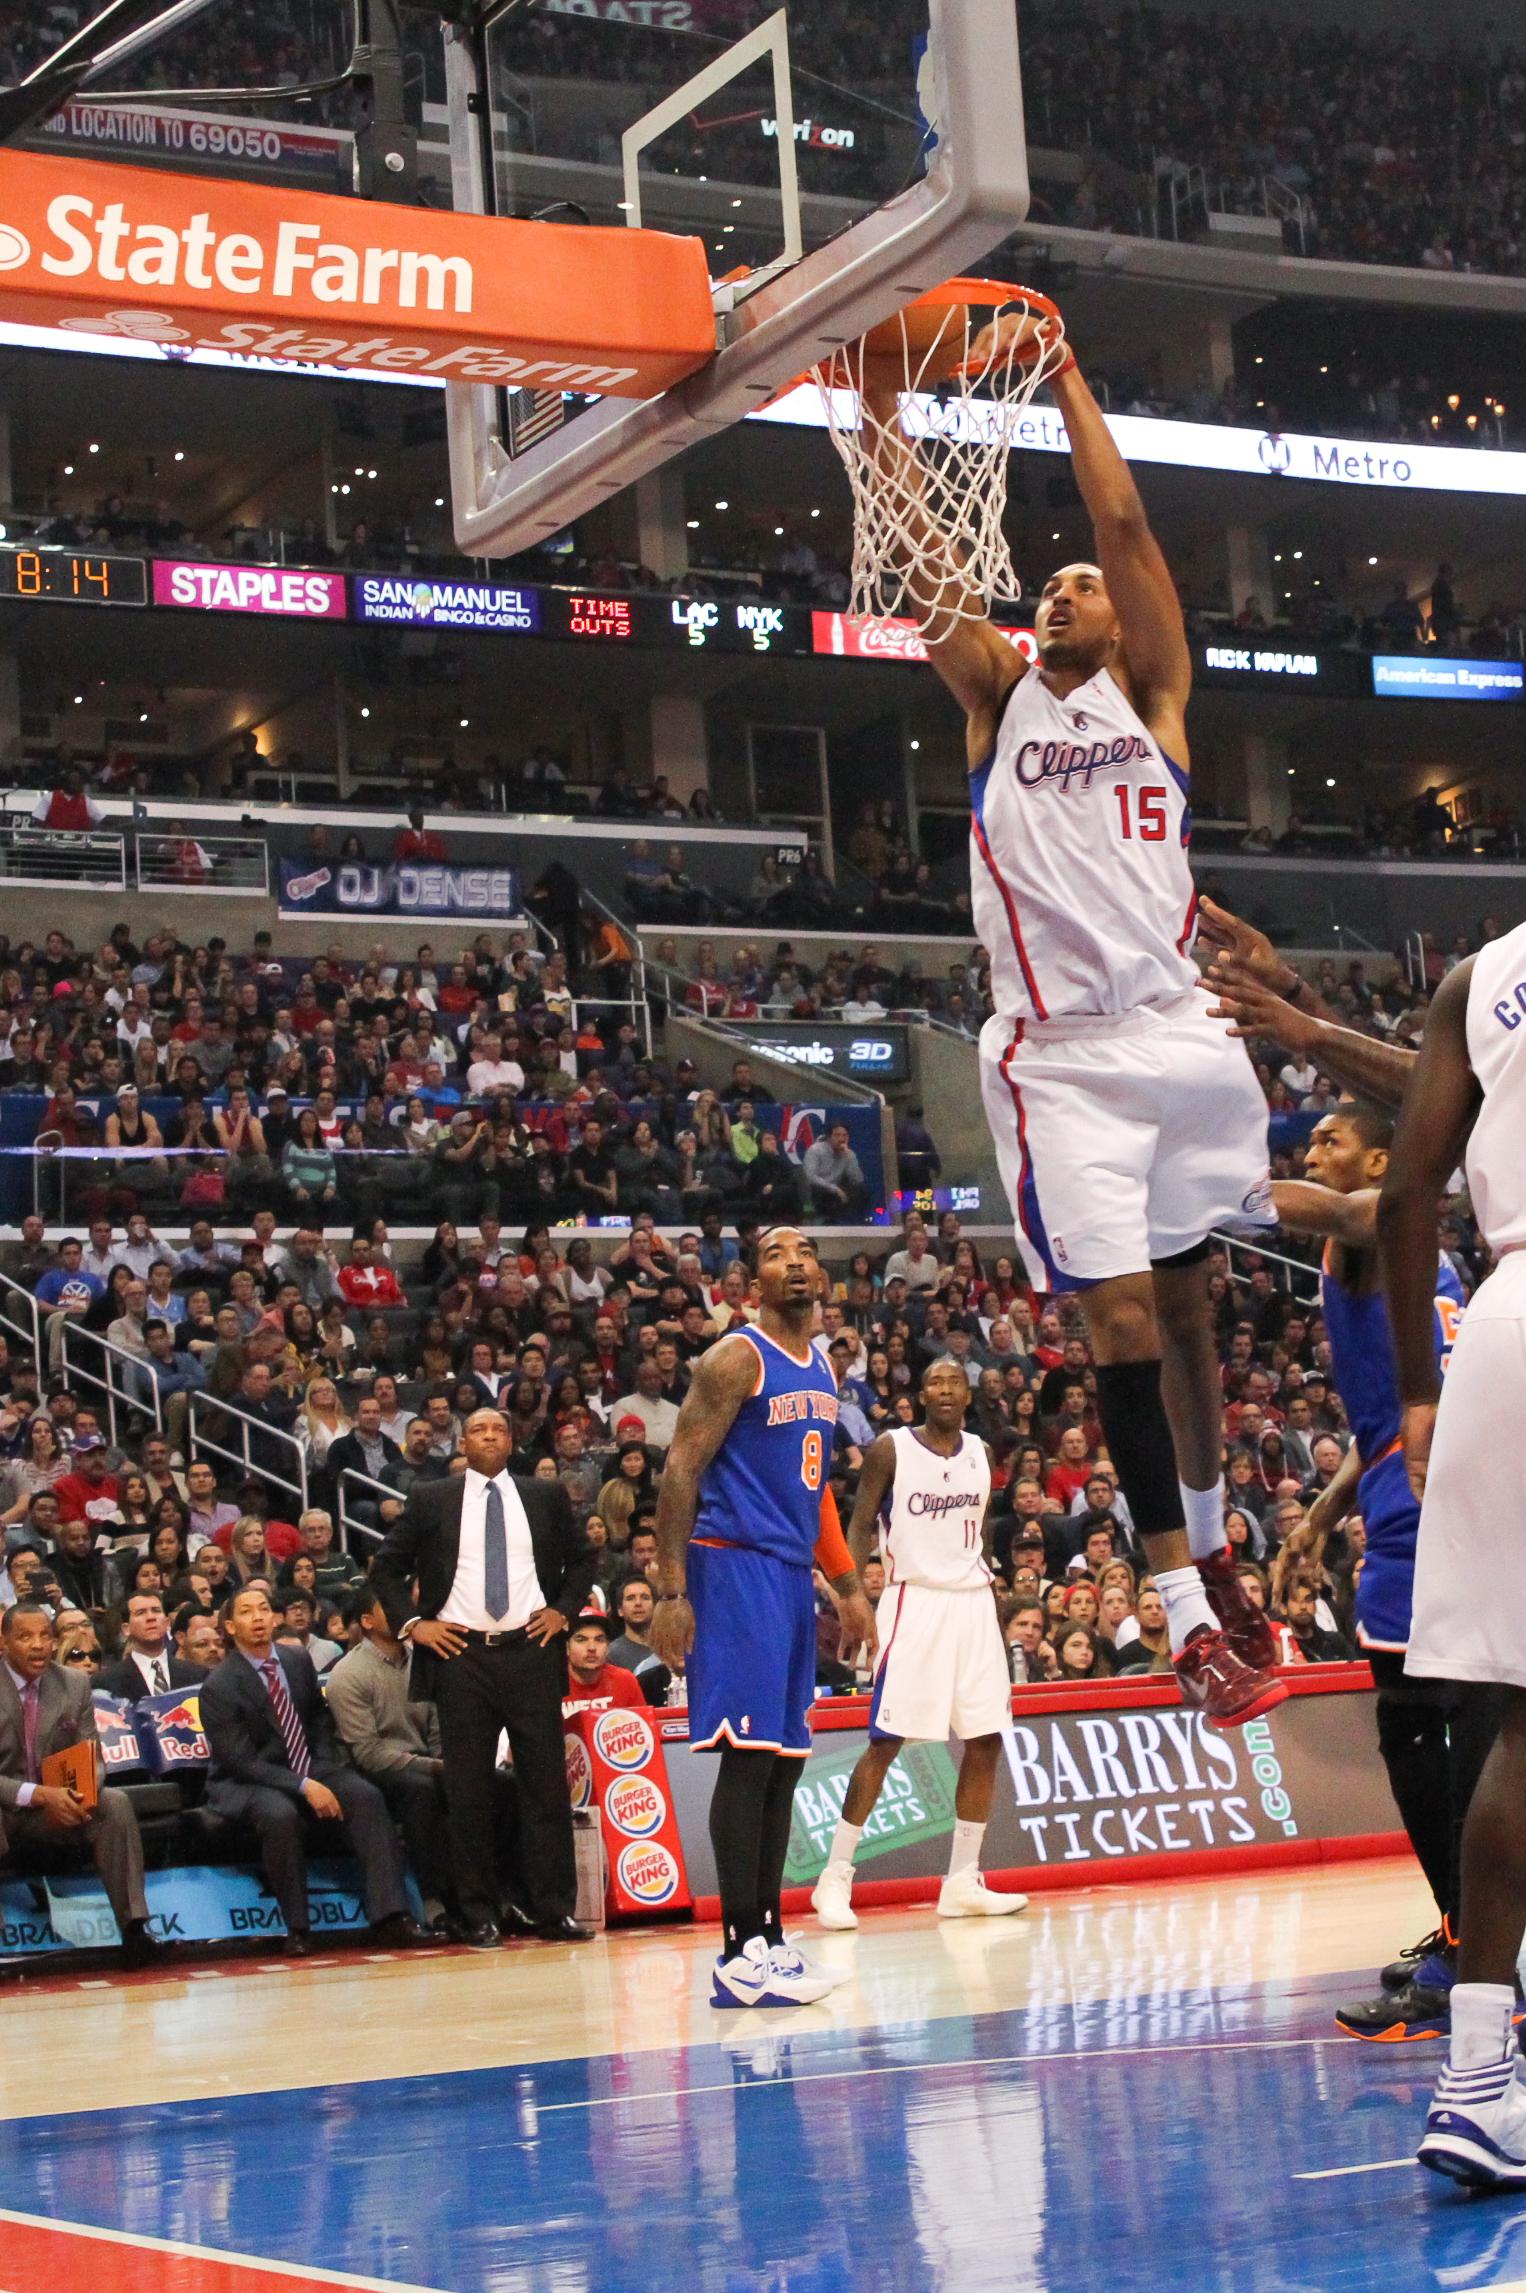 Photos by Varon P. Knicks-9.jpg